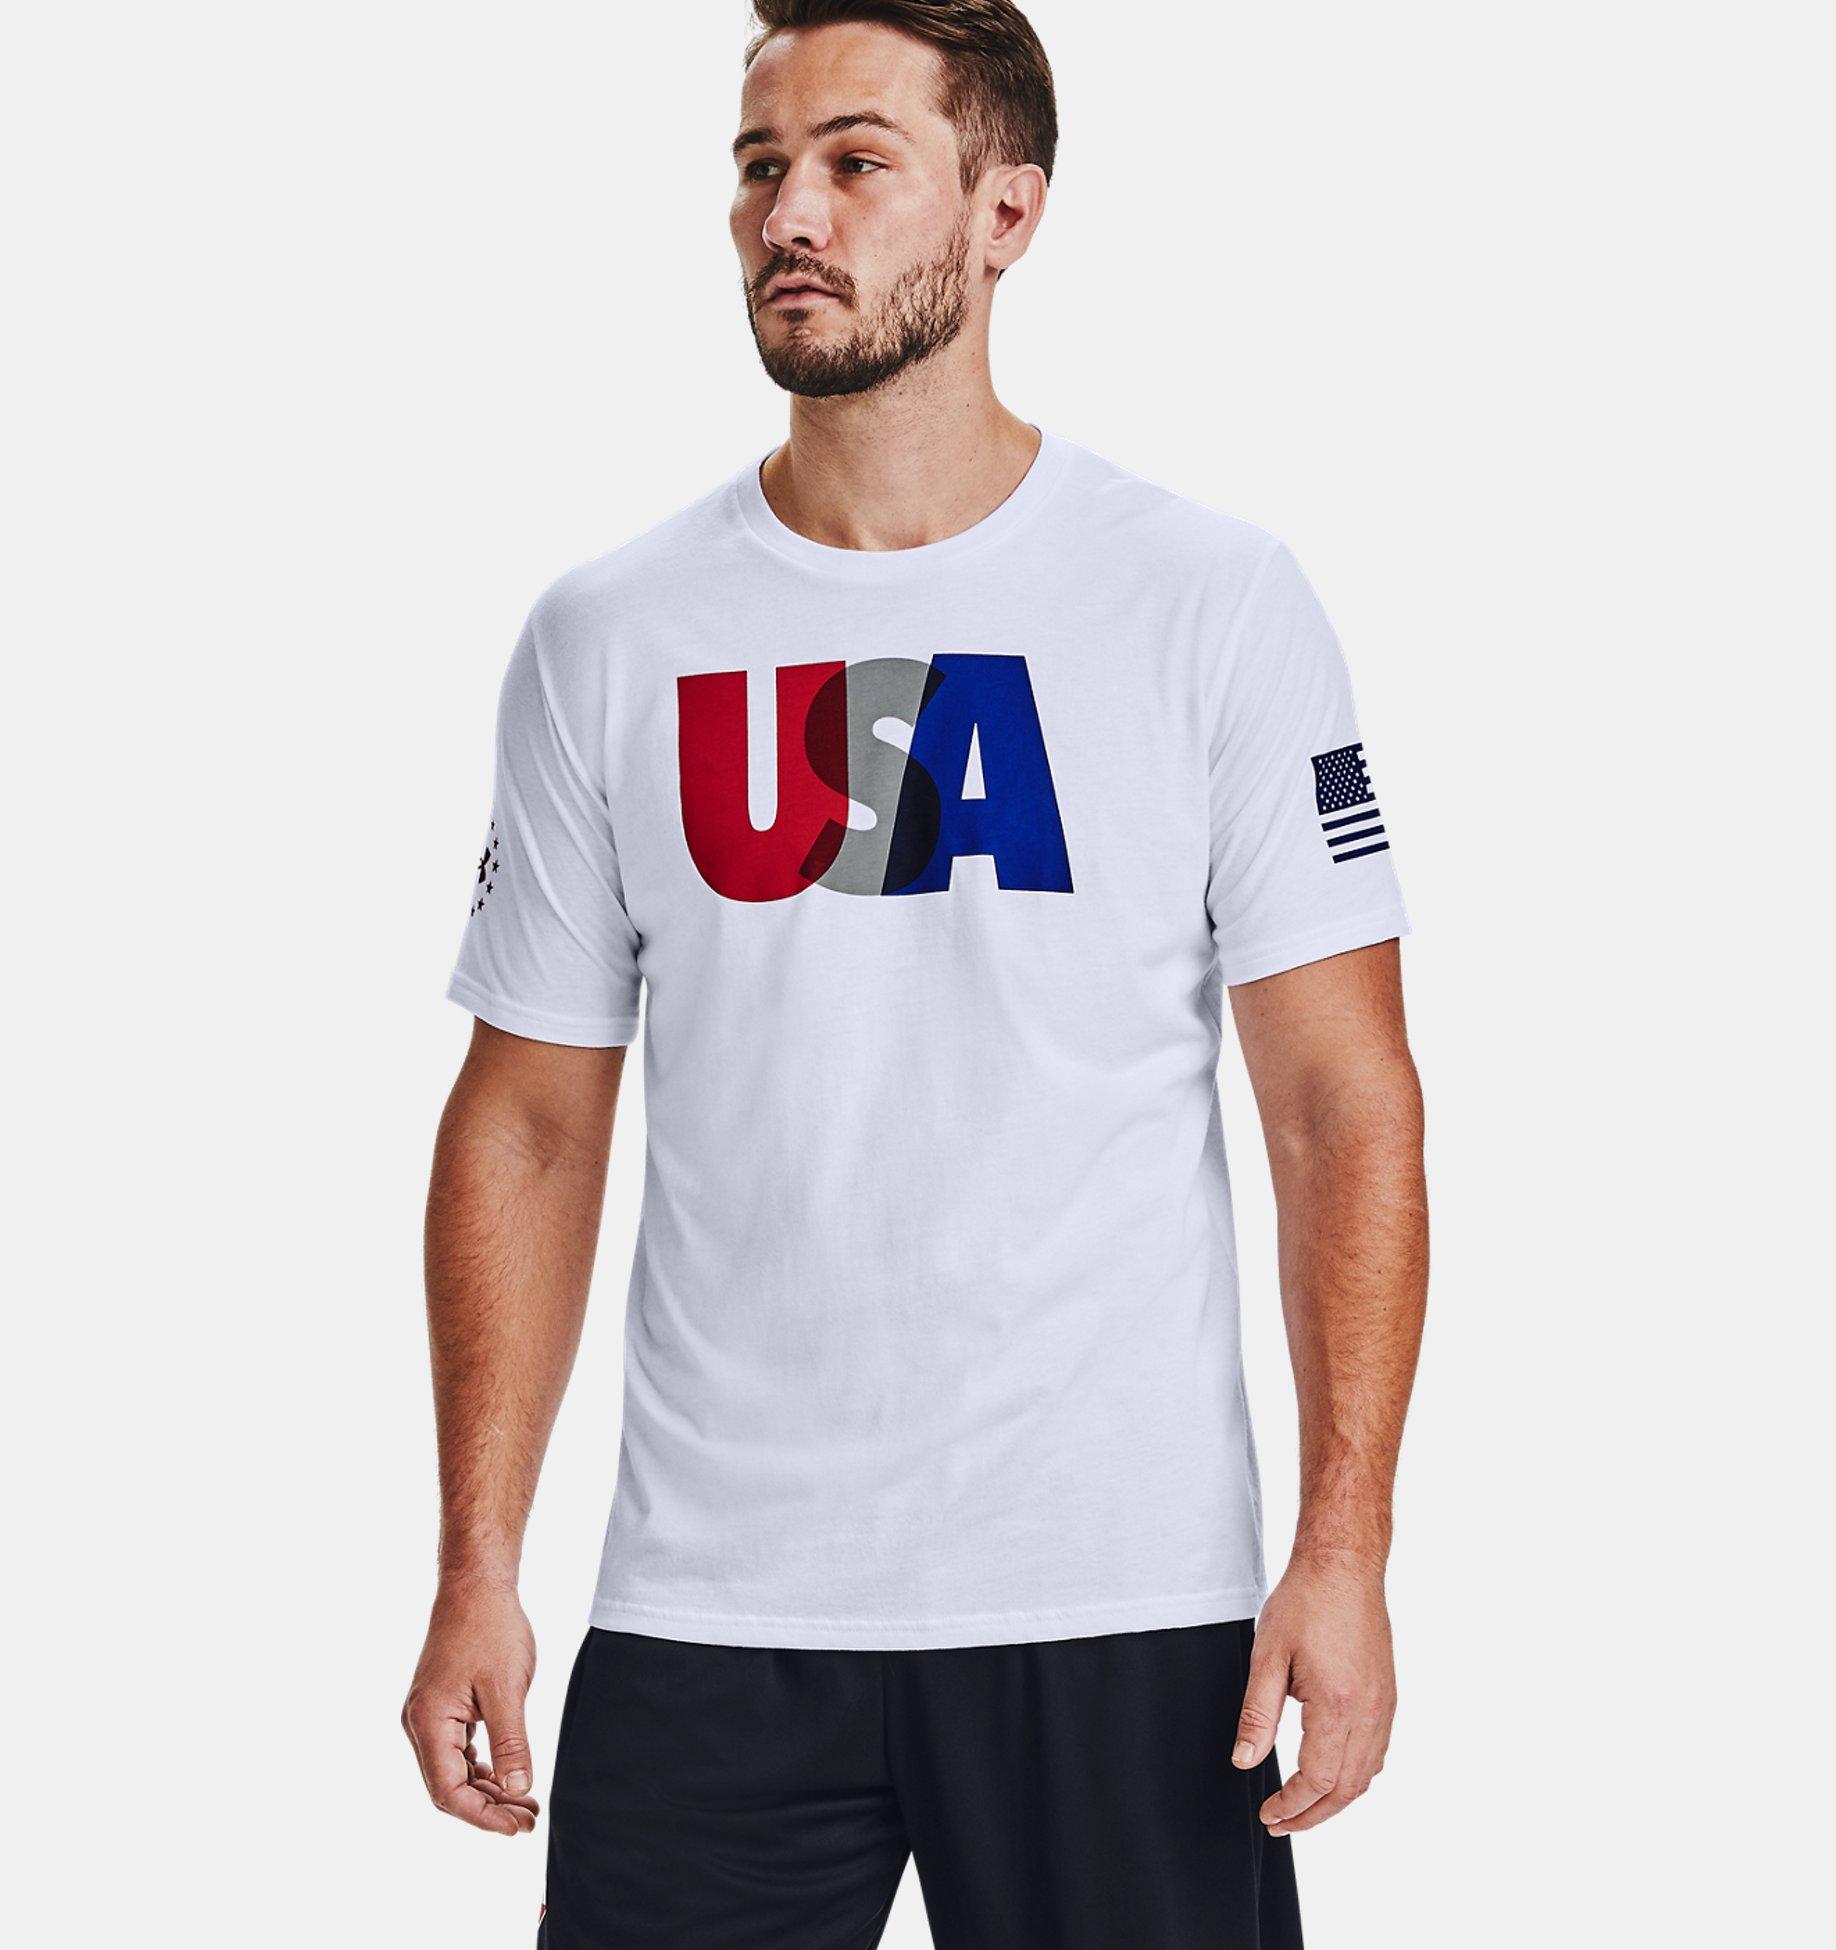 Underarmour Mens UA Freedom USA T-Shirt